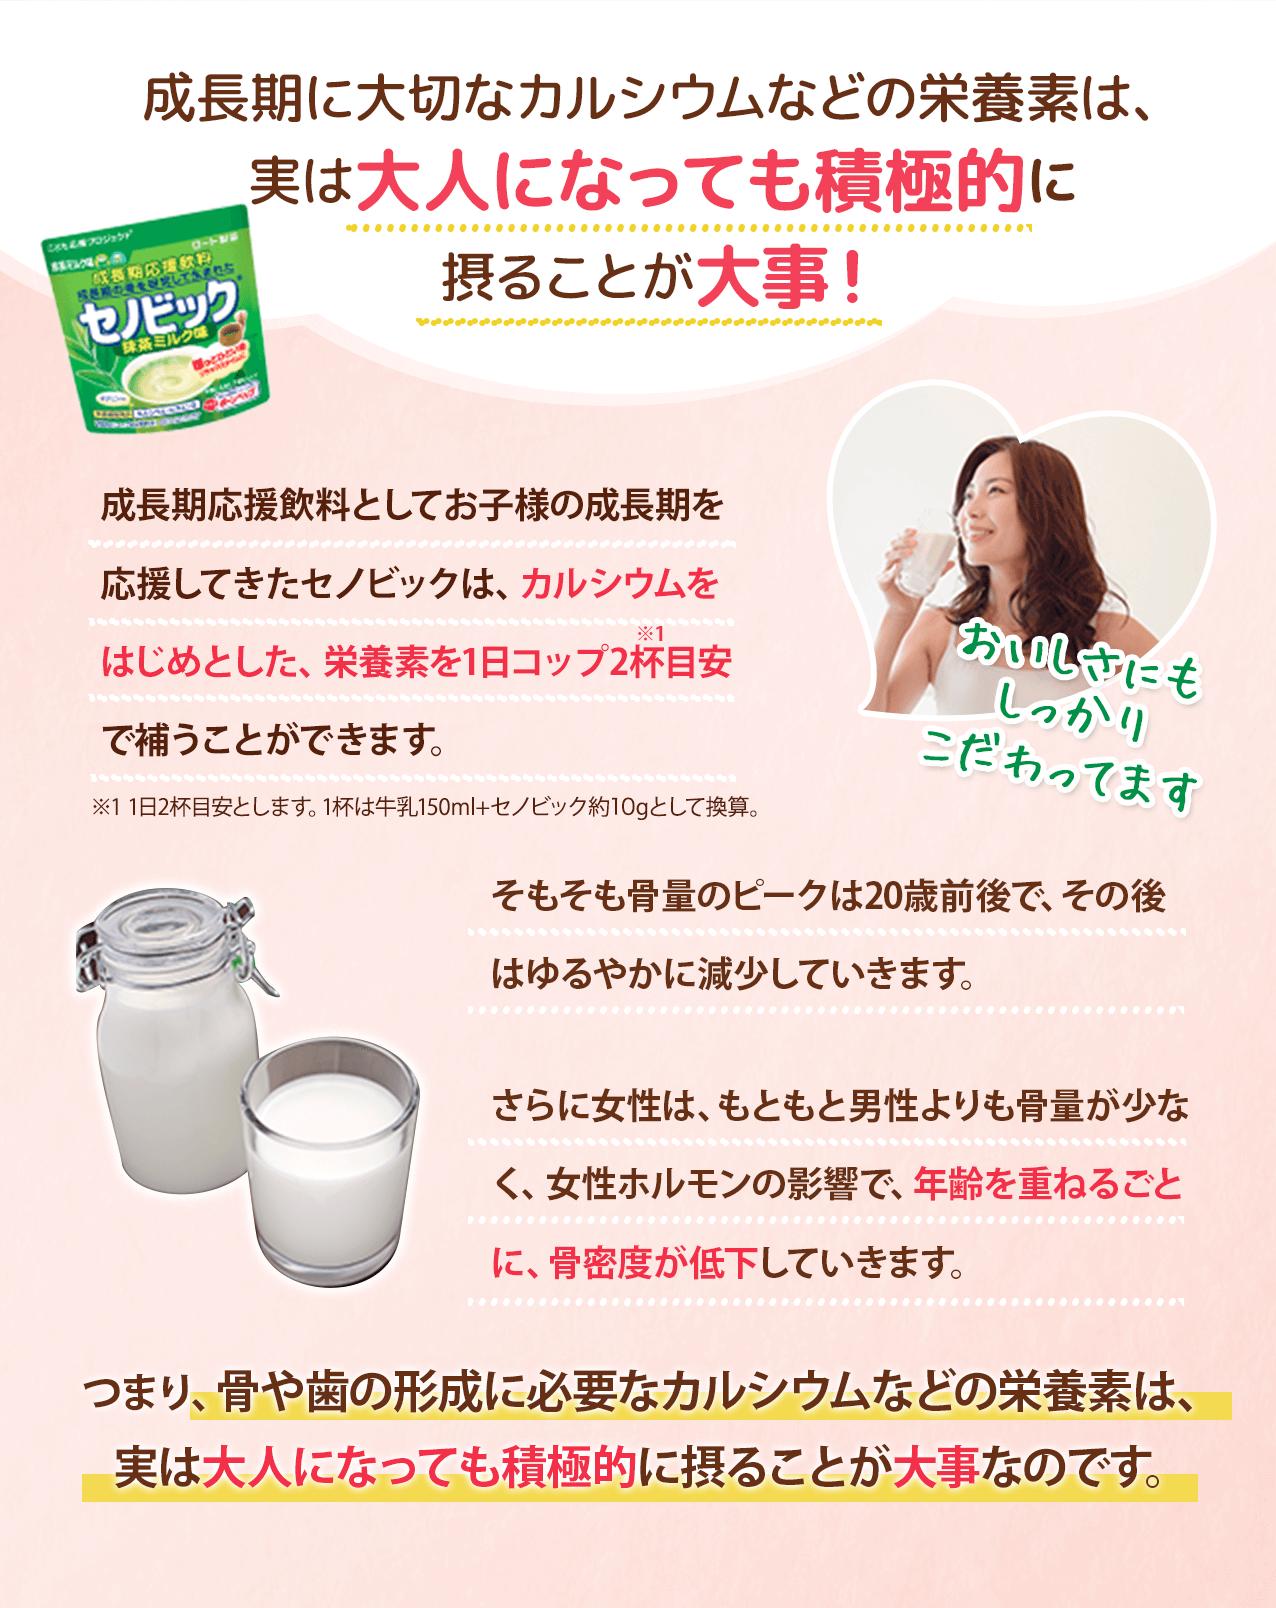 成長期に大切なカルシウムなどの栄養素は、実は大人になっても積極的に摂ることが大事! 成長期応援飲料としてお子様の成長期を応援してきたセノビックは、カルシウムをはじめとした、栄養素を1日コップ2杯目安で補うことができます。 ※1 1日2杯目安とします。1杯は牛乳150ml+セノビック約10gとして換算。そもそも骨量のピークは20歳前後で、その後はゆるやかに減少していきます。 さらに女性は、も女性は、もともと男性よりも骨量が少なく、女性ホルモンの影響で、年齢を重ねるごとに、骨密度が低下していきます。 つまり、骨や歯の形成に必要なカルシウムなどの栄養素は、実は大人になっても積極的に摂ることが大事なのです。